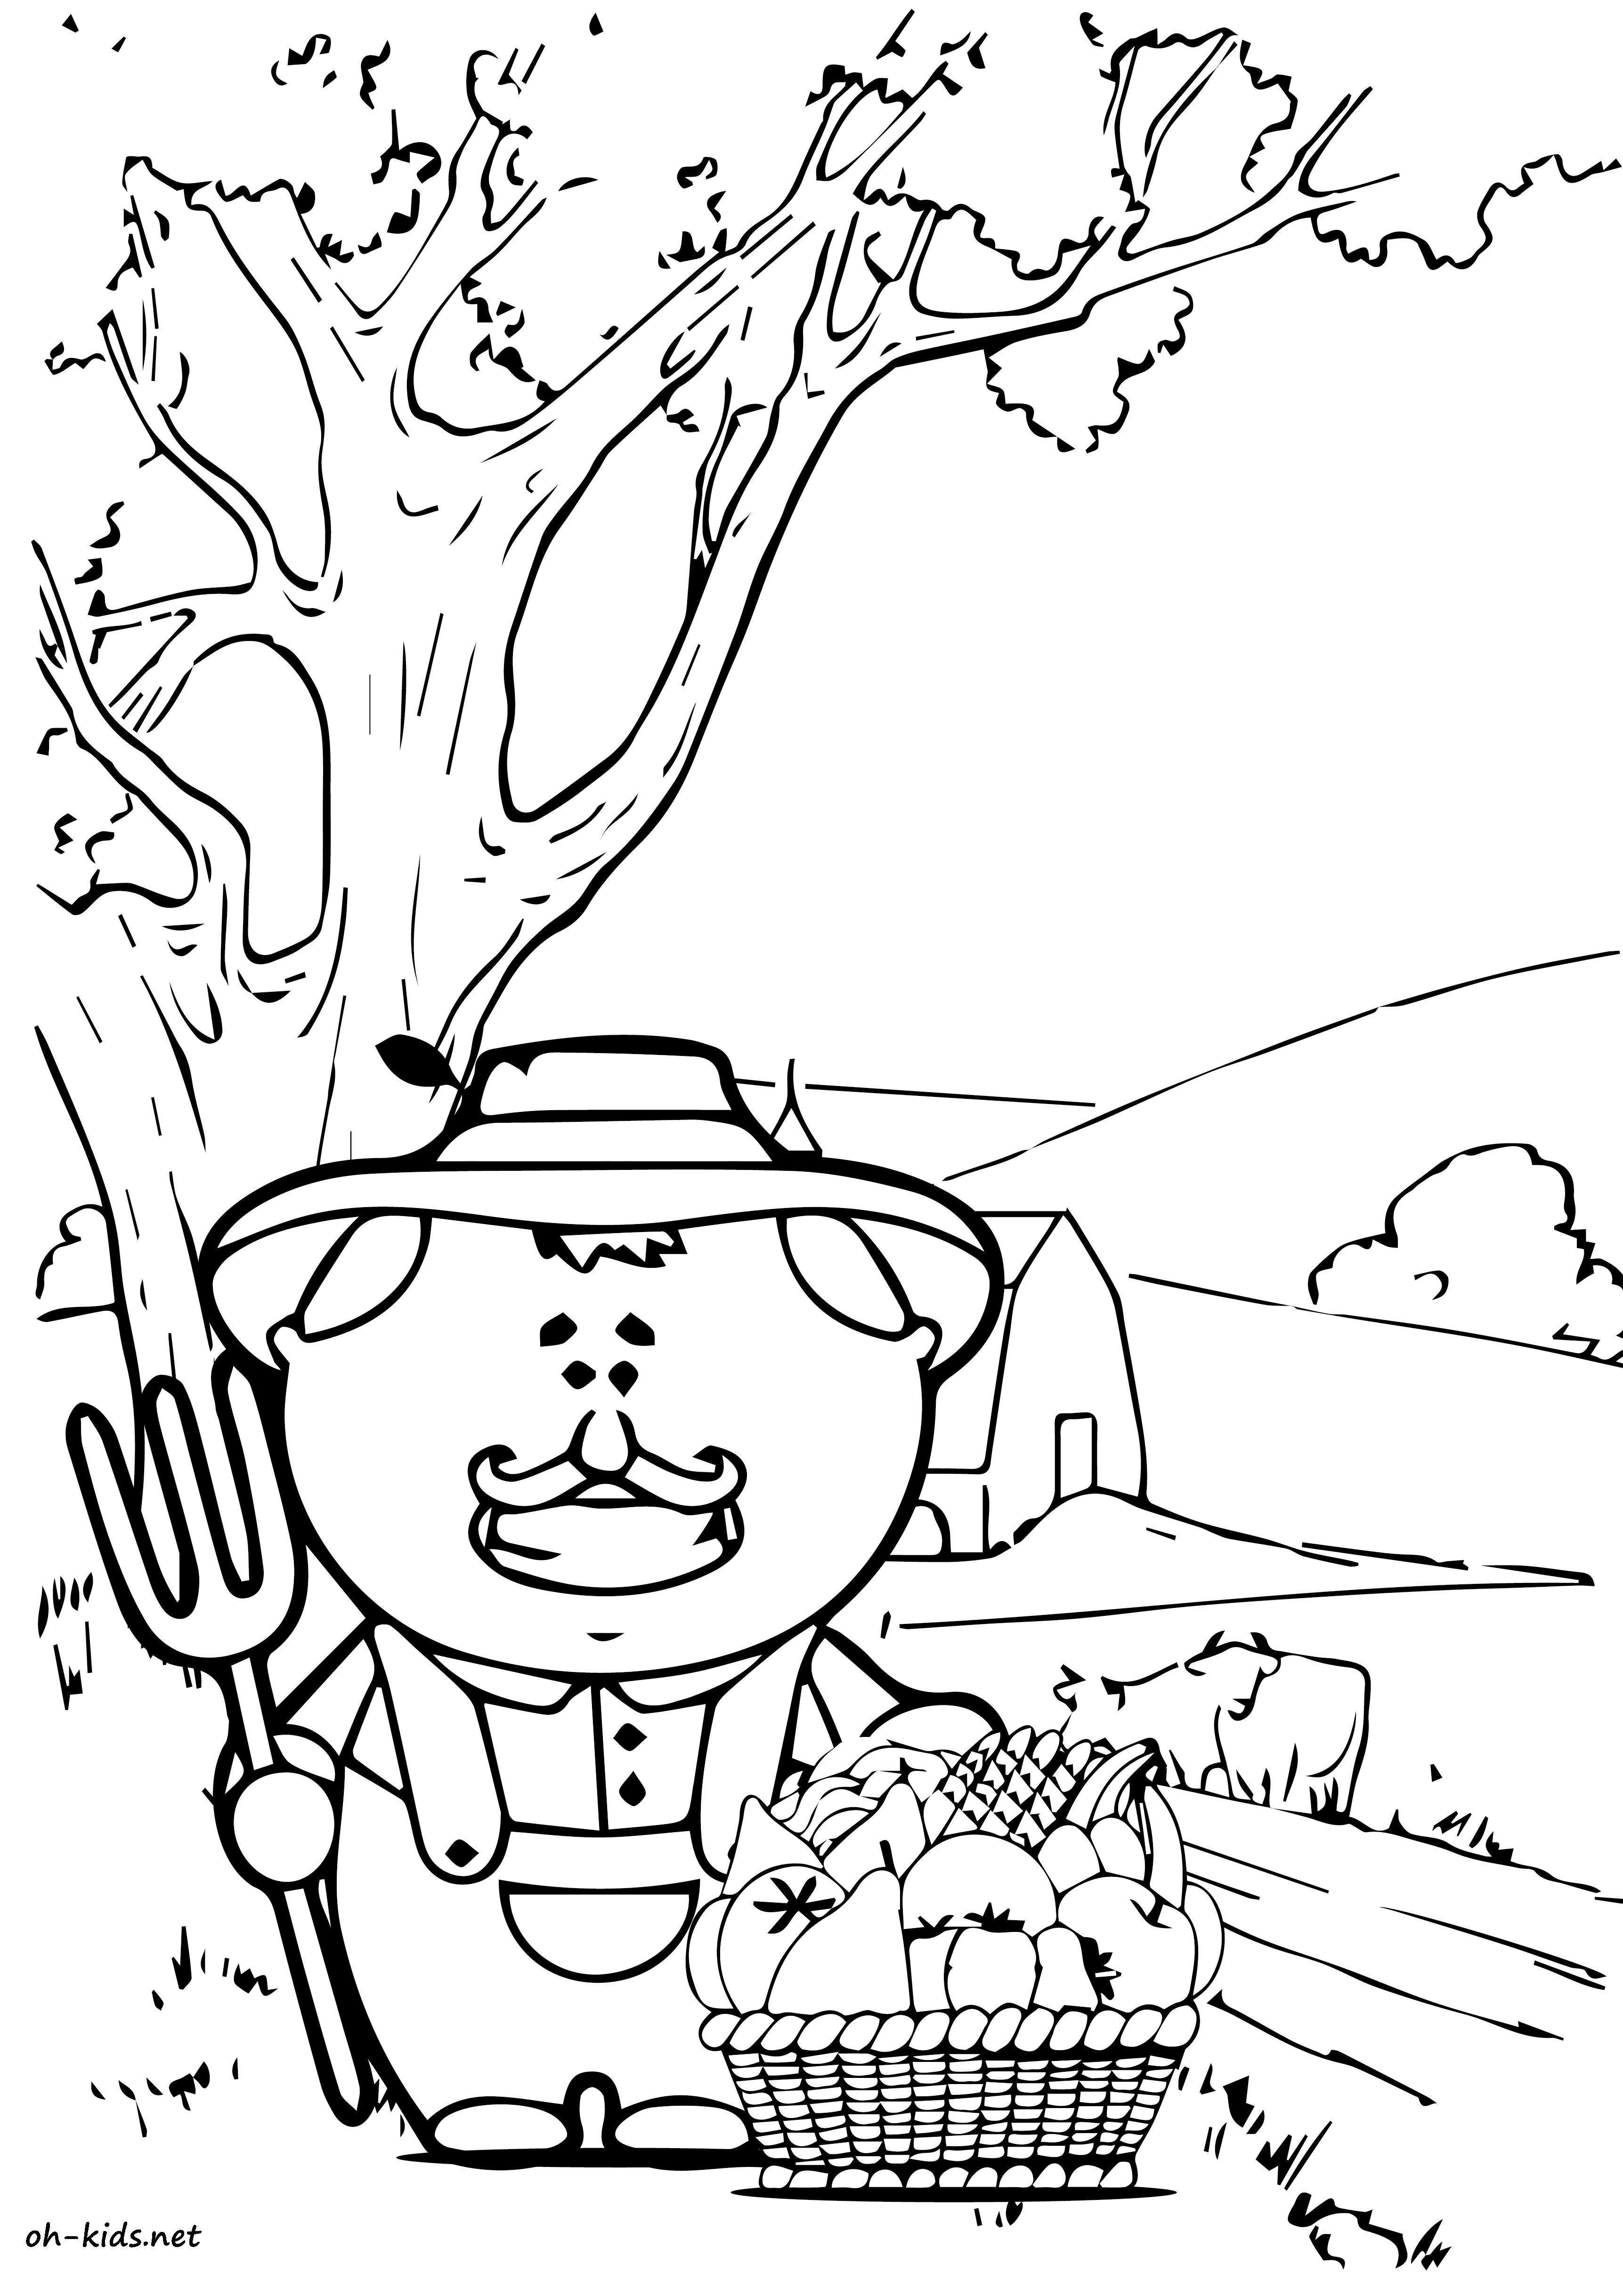 Coloriage de fermier a colorier - Dessin #818